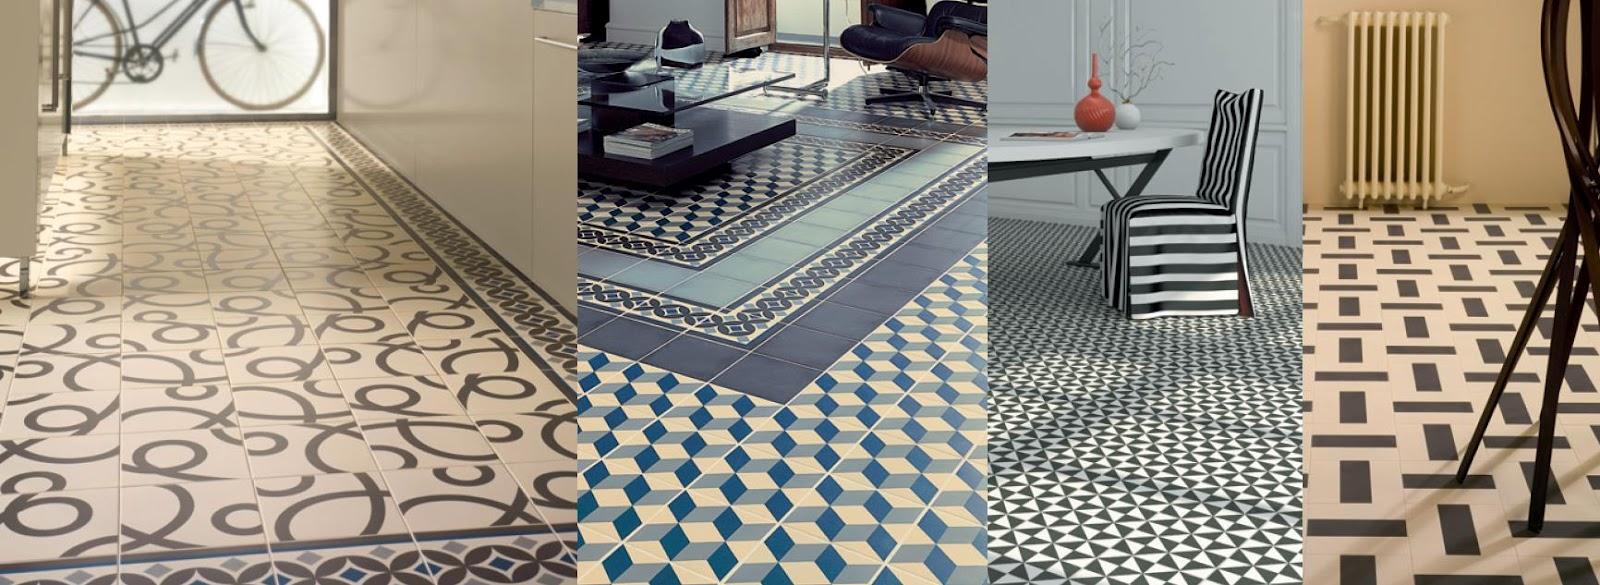 mosaico hidráulico estancias varias